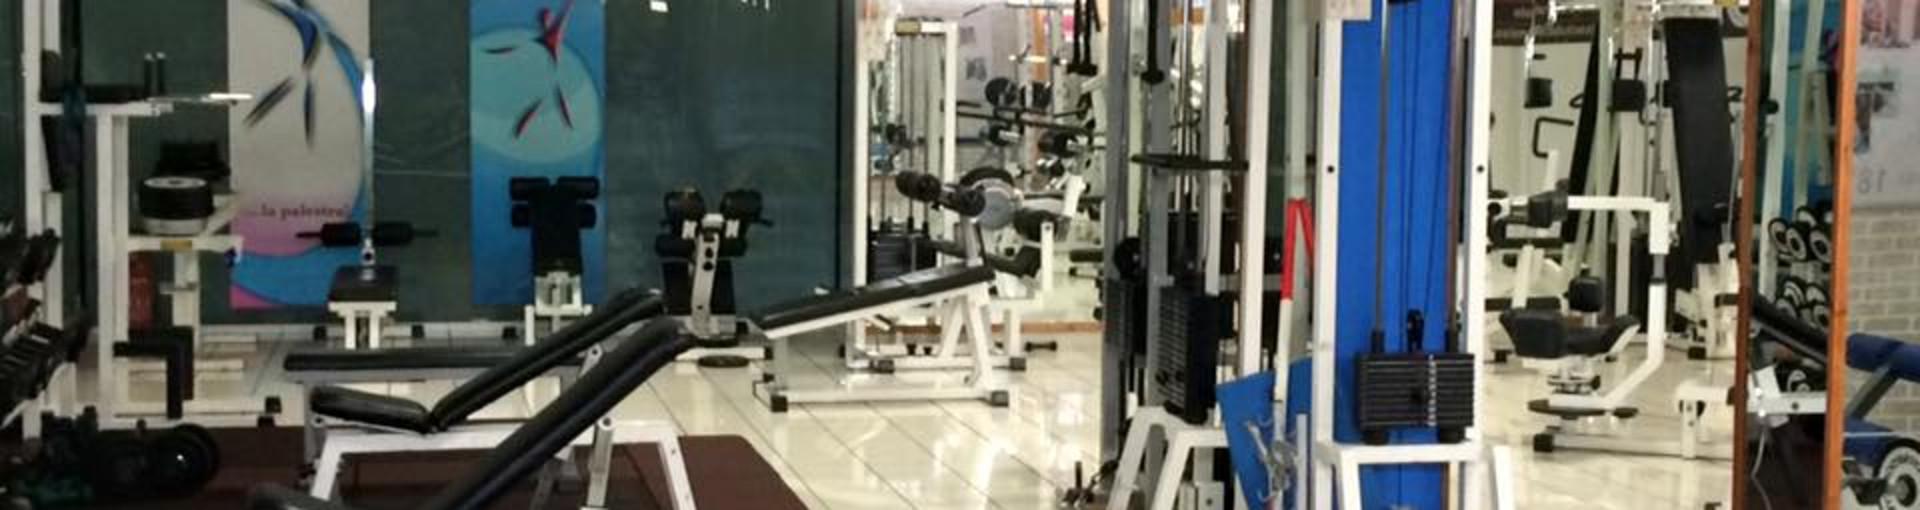 Fitness Club Comiso - Comiso